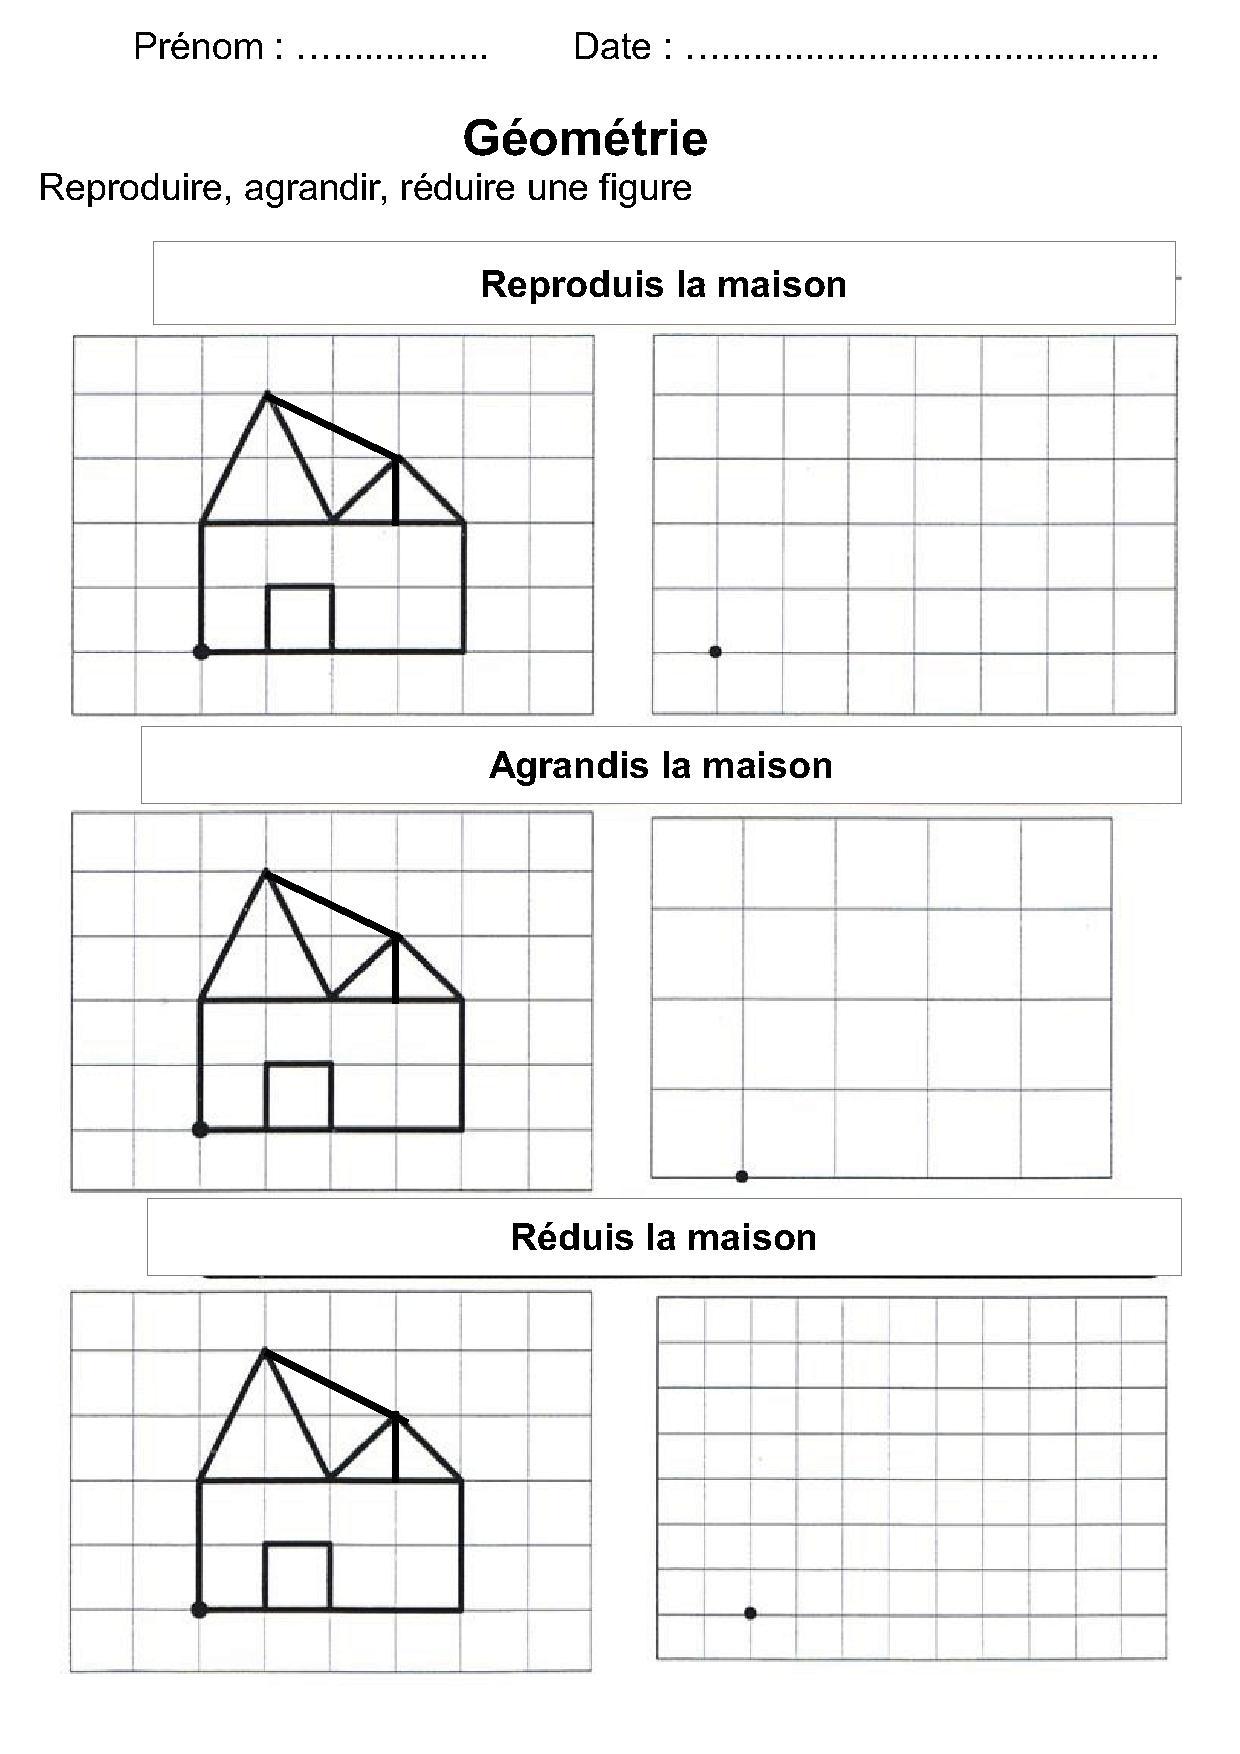 Géométrie Ce1,ce2,la Symétrie,reproduire Une Figure encequiconcerne Reproduction De Figures Sur Quadrillage